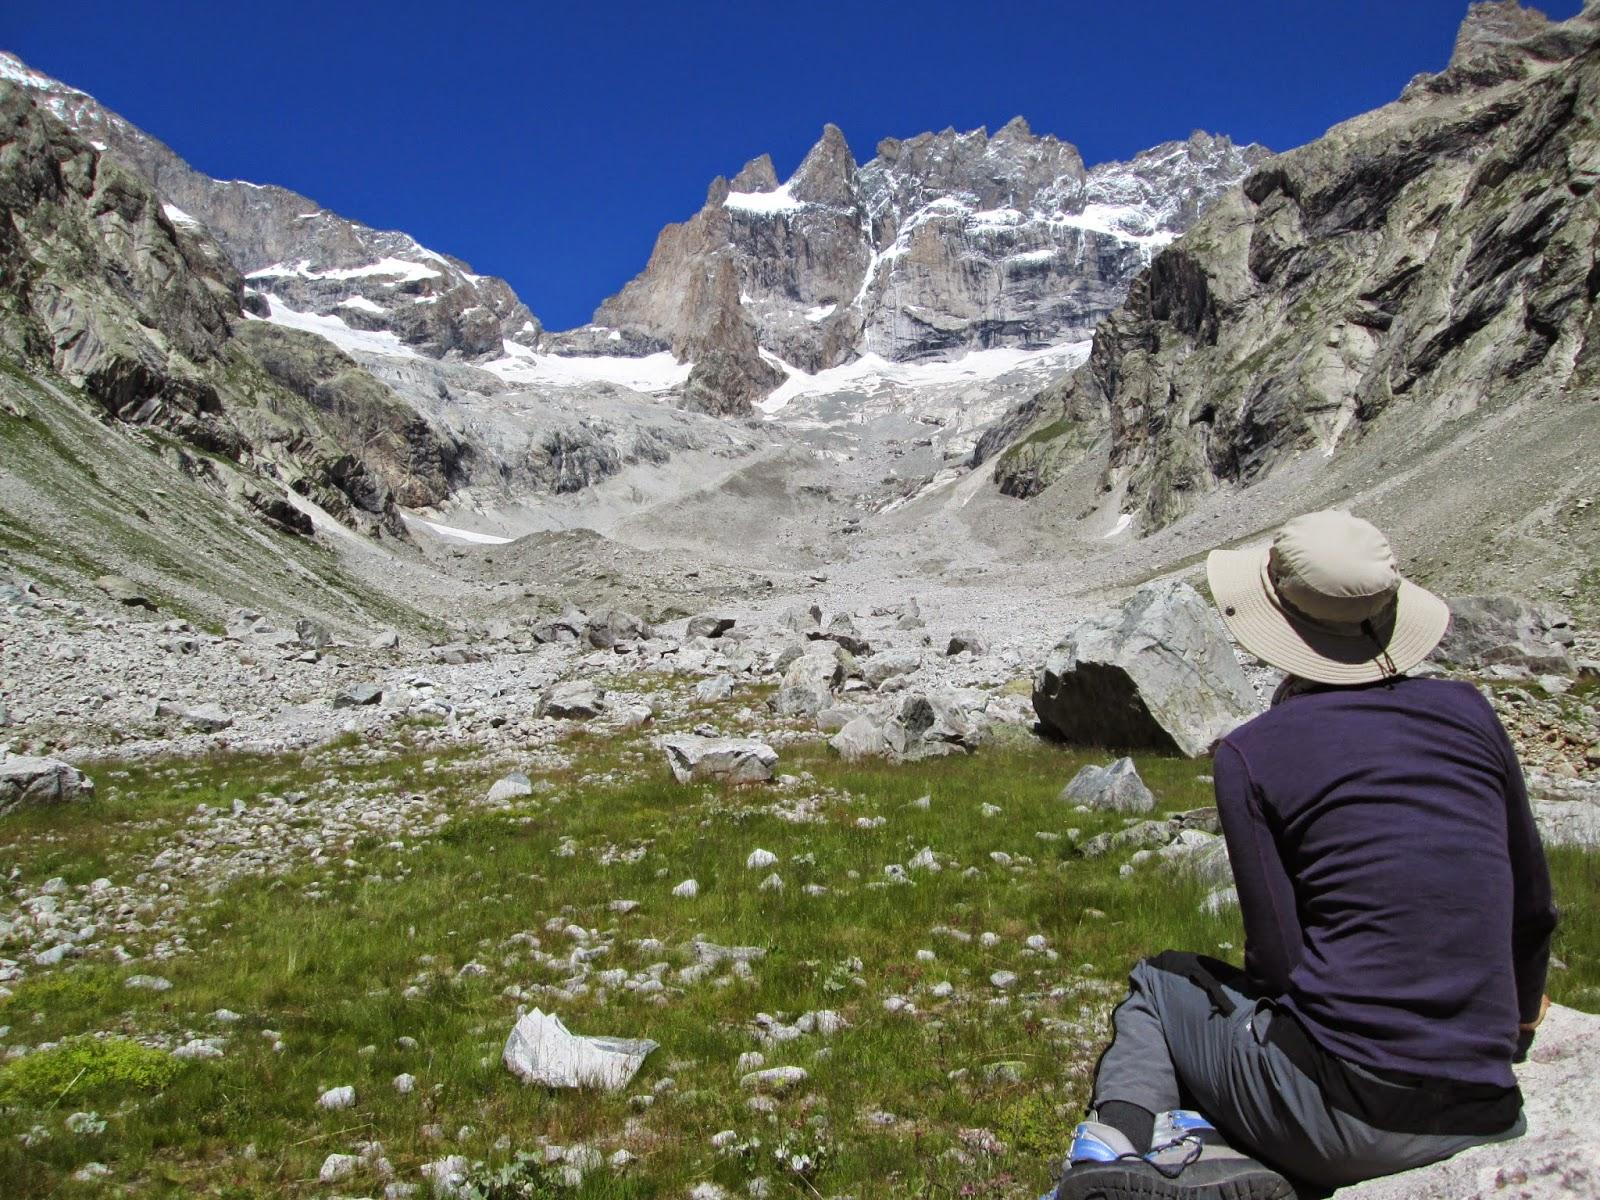 La Meije (3982m) Ecrins National Park, Alps, France